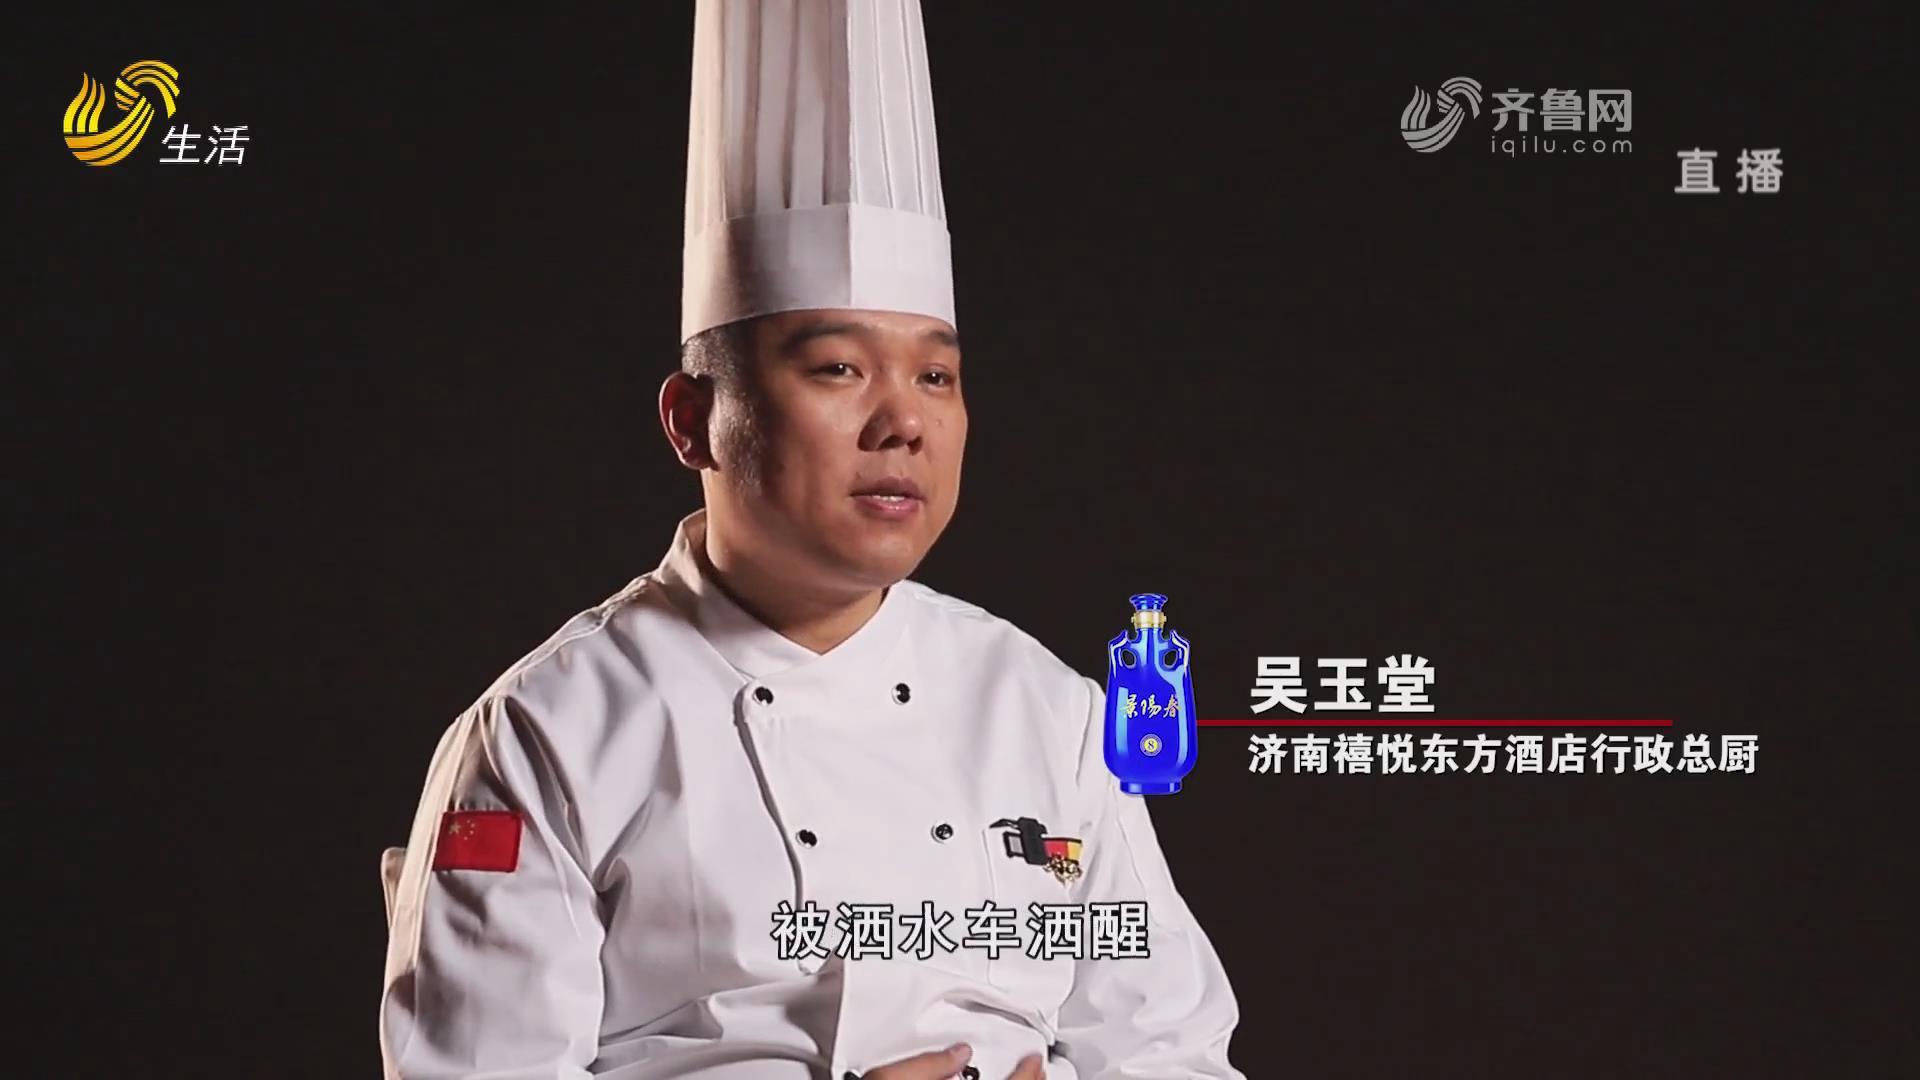 【味道山东】山东美食大赛——第11期冠军菜品(糟煎野生黄鱼脯)